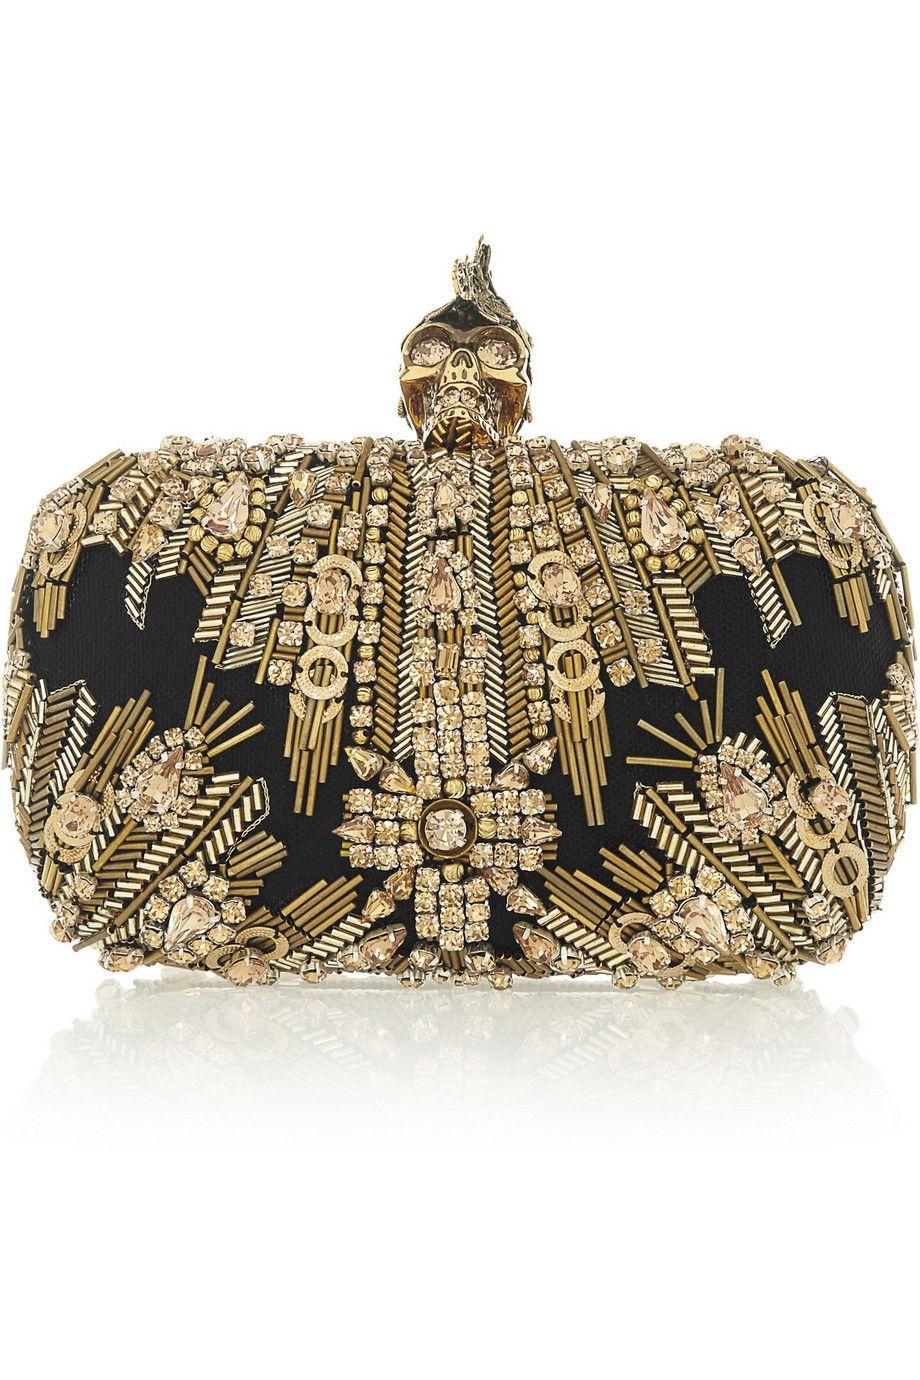 af15b6e823cfde LUST: Alexander McQueen, The Skull Swarovski crystal-embellished box clutch